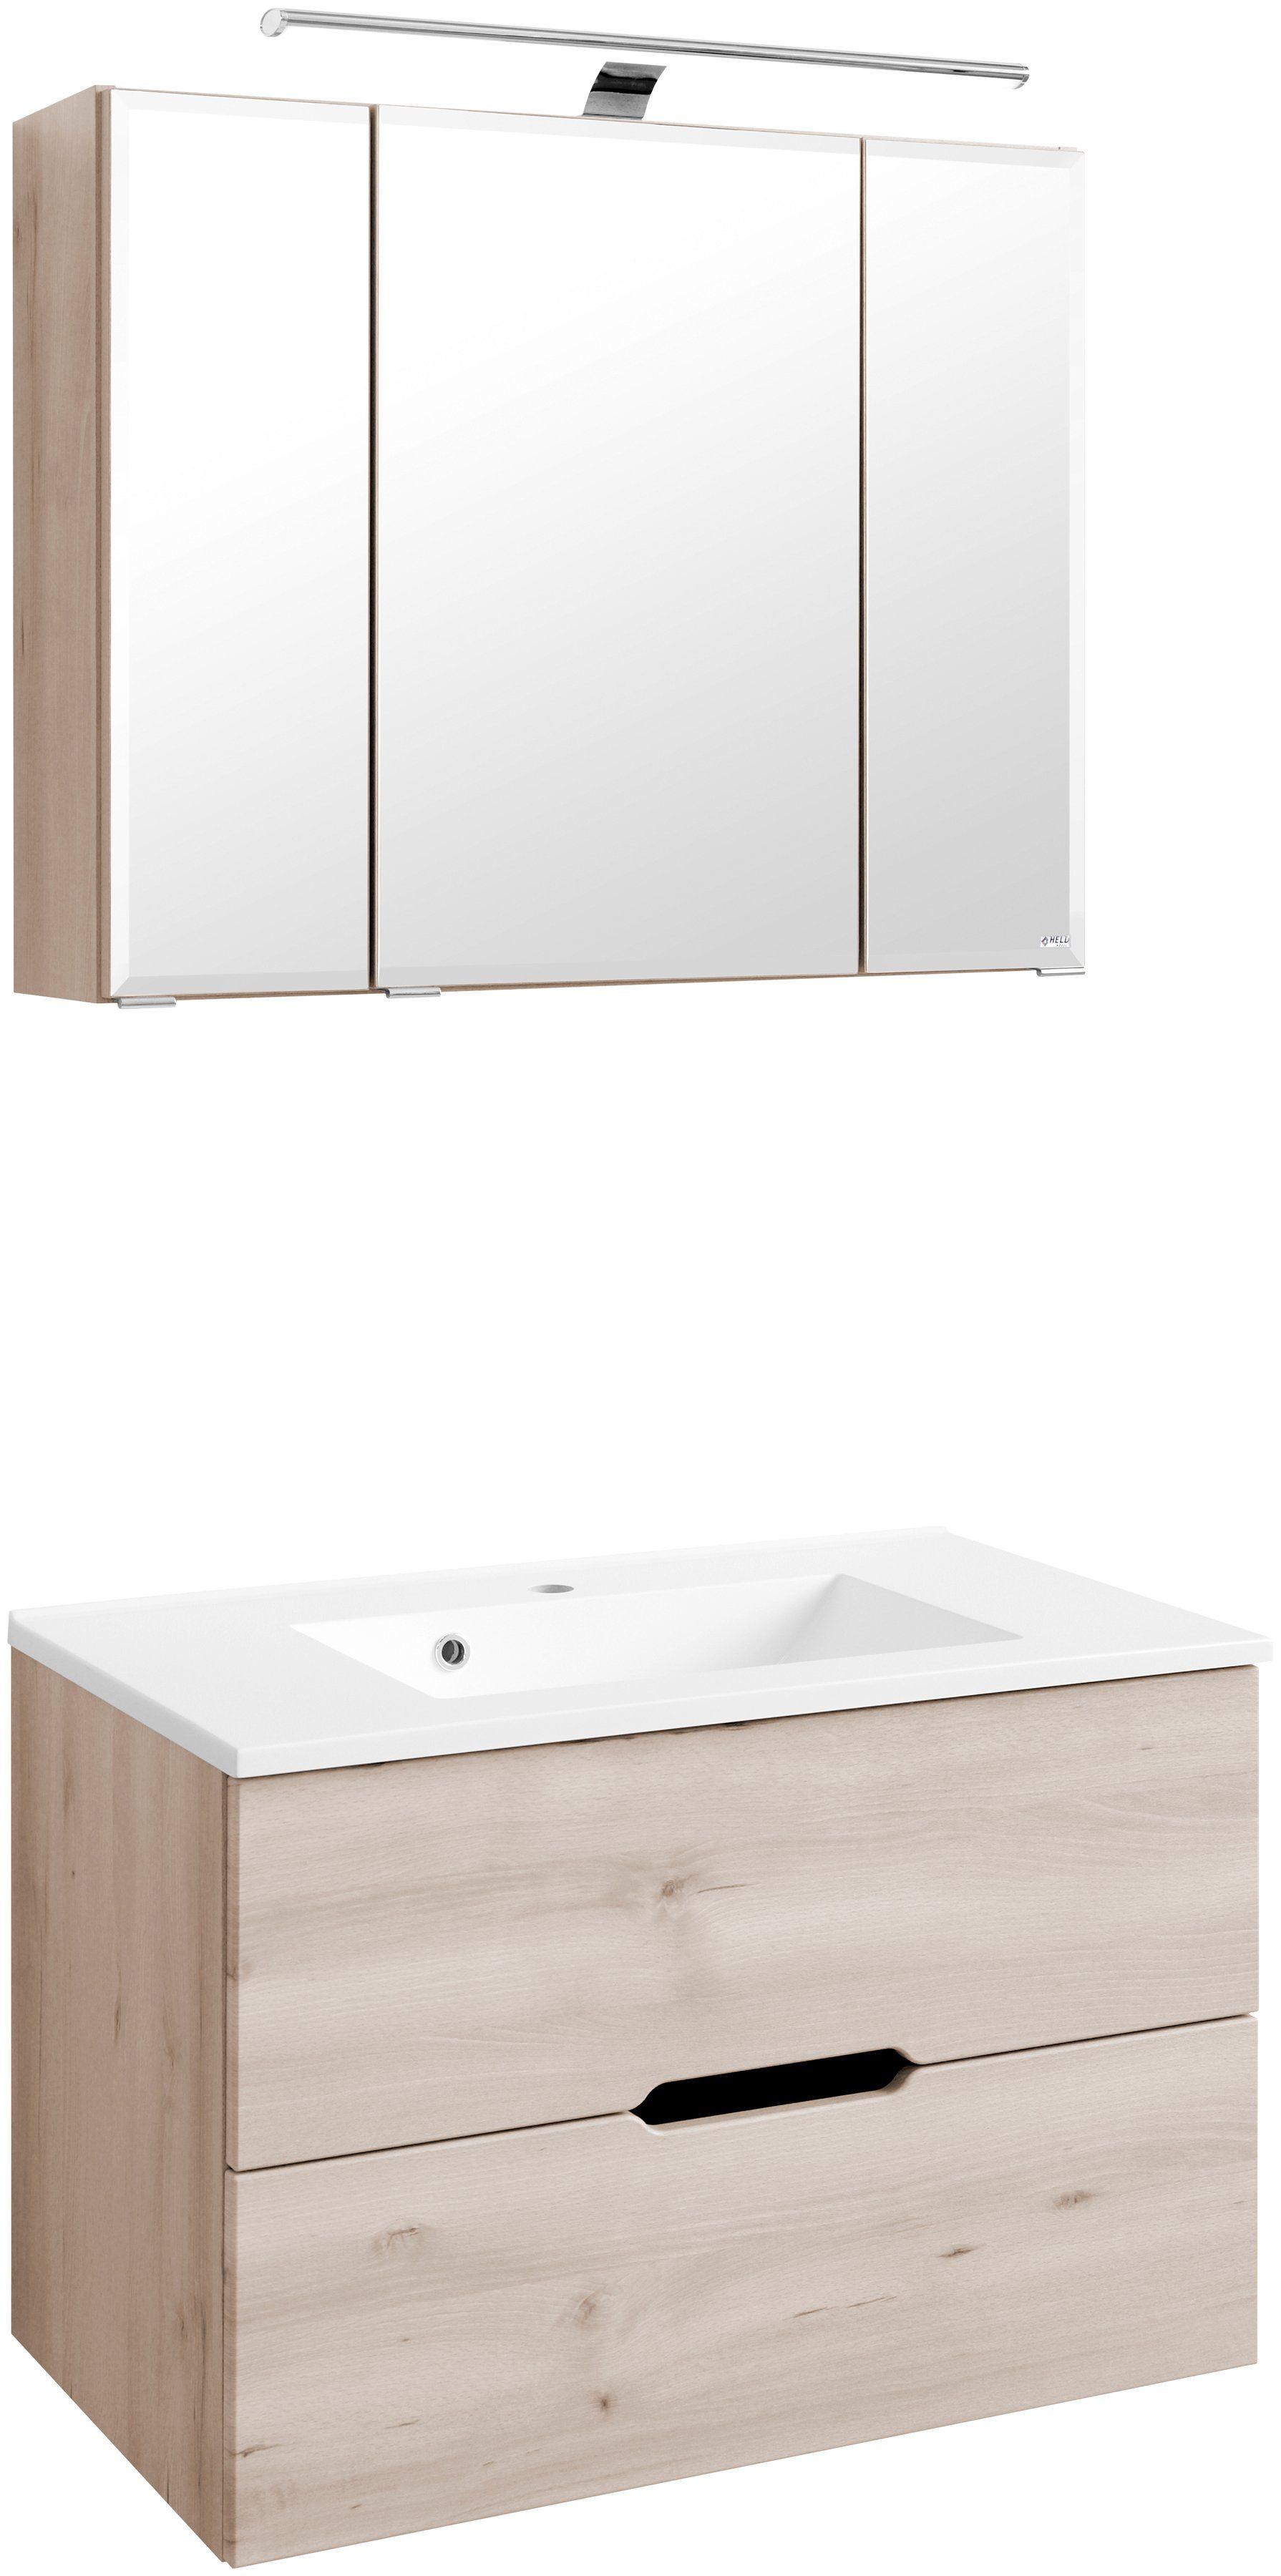 Held Möbel Waschplatz-Set »Belluno«, Breite 80 cm